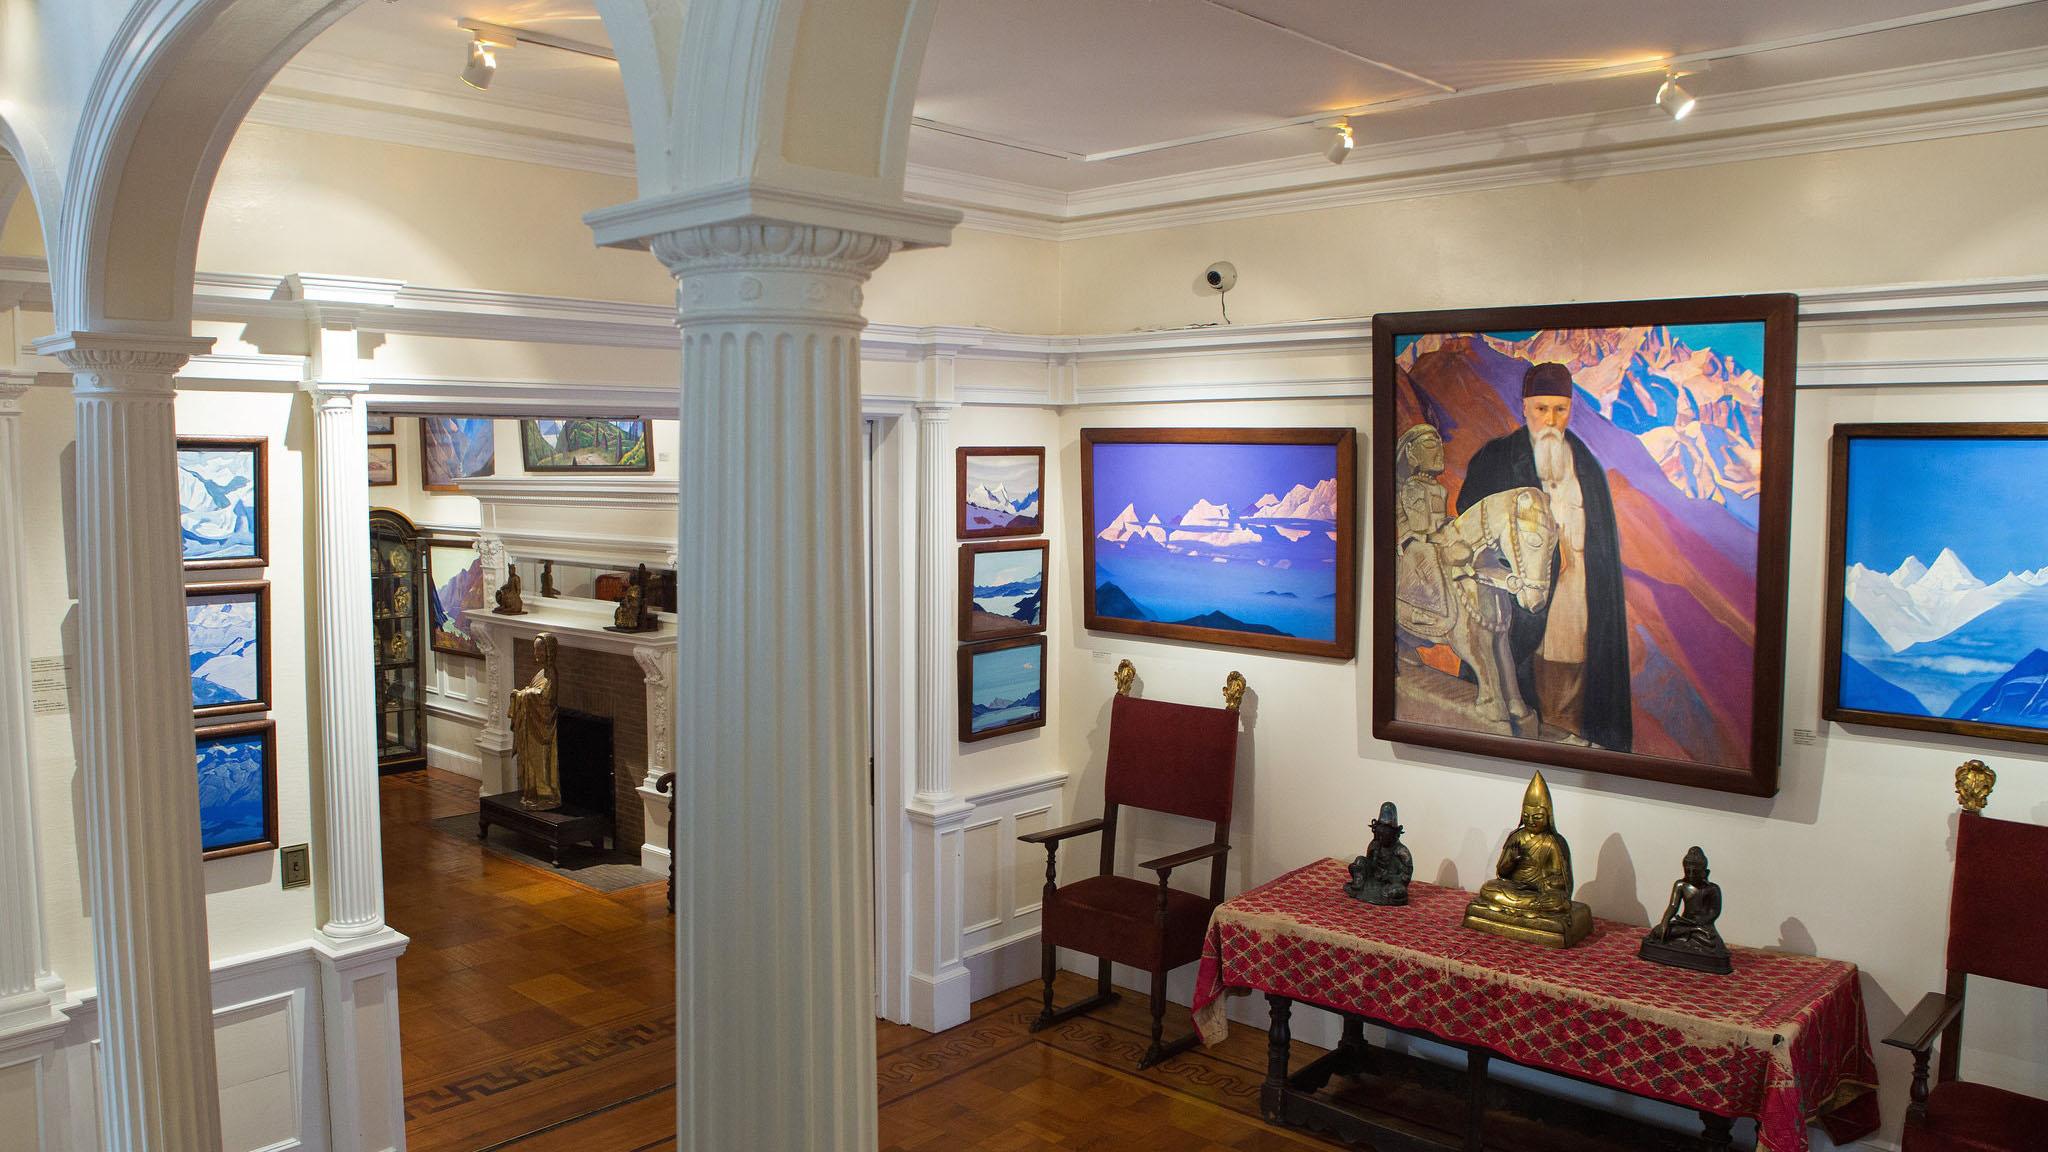 尼古拉斯·洛里奇在纽约的博物。(唯色提供)